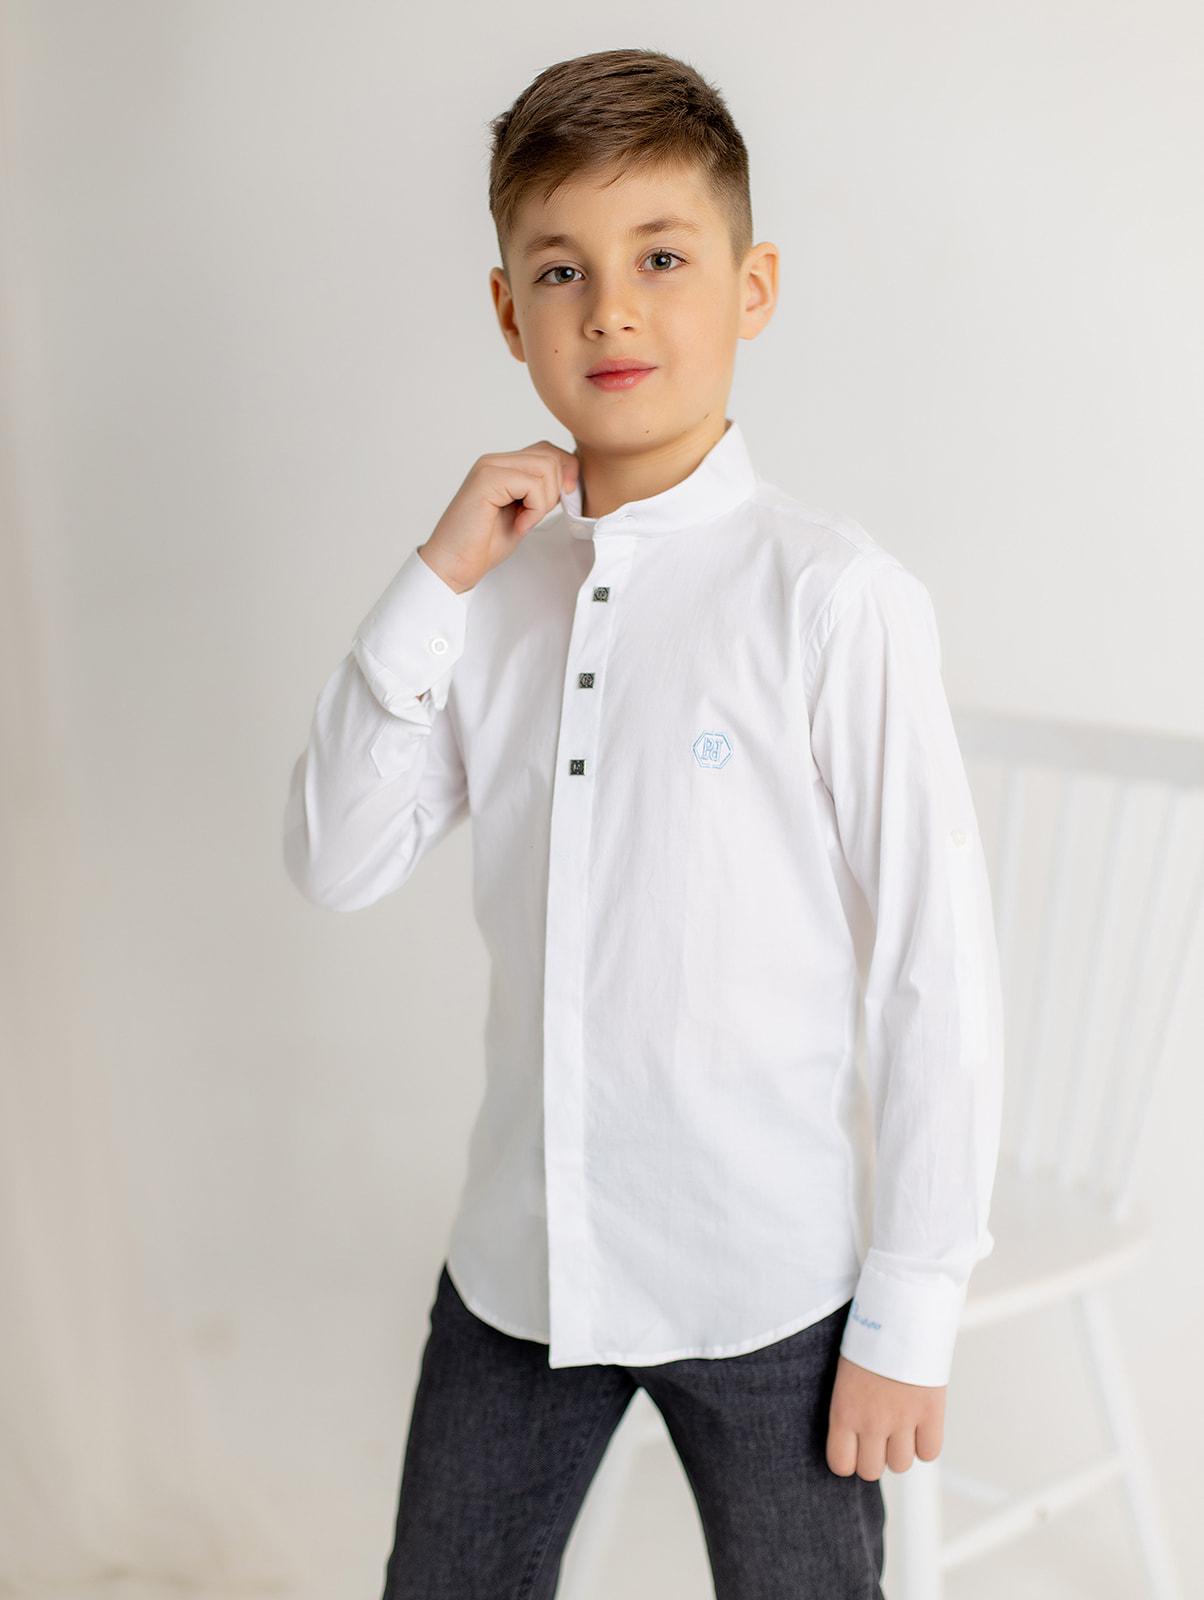 Классическая белая рубашка для мальчика